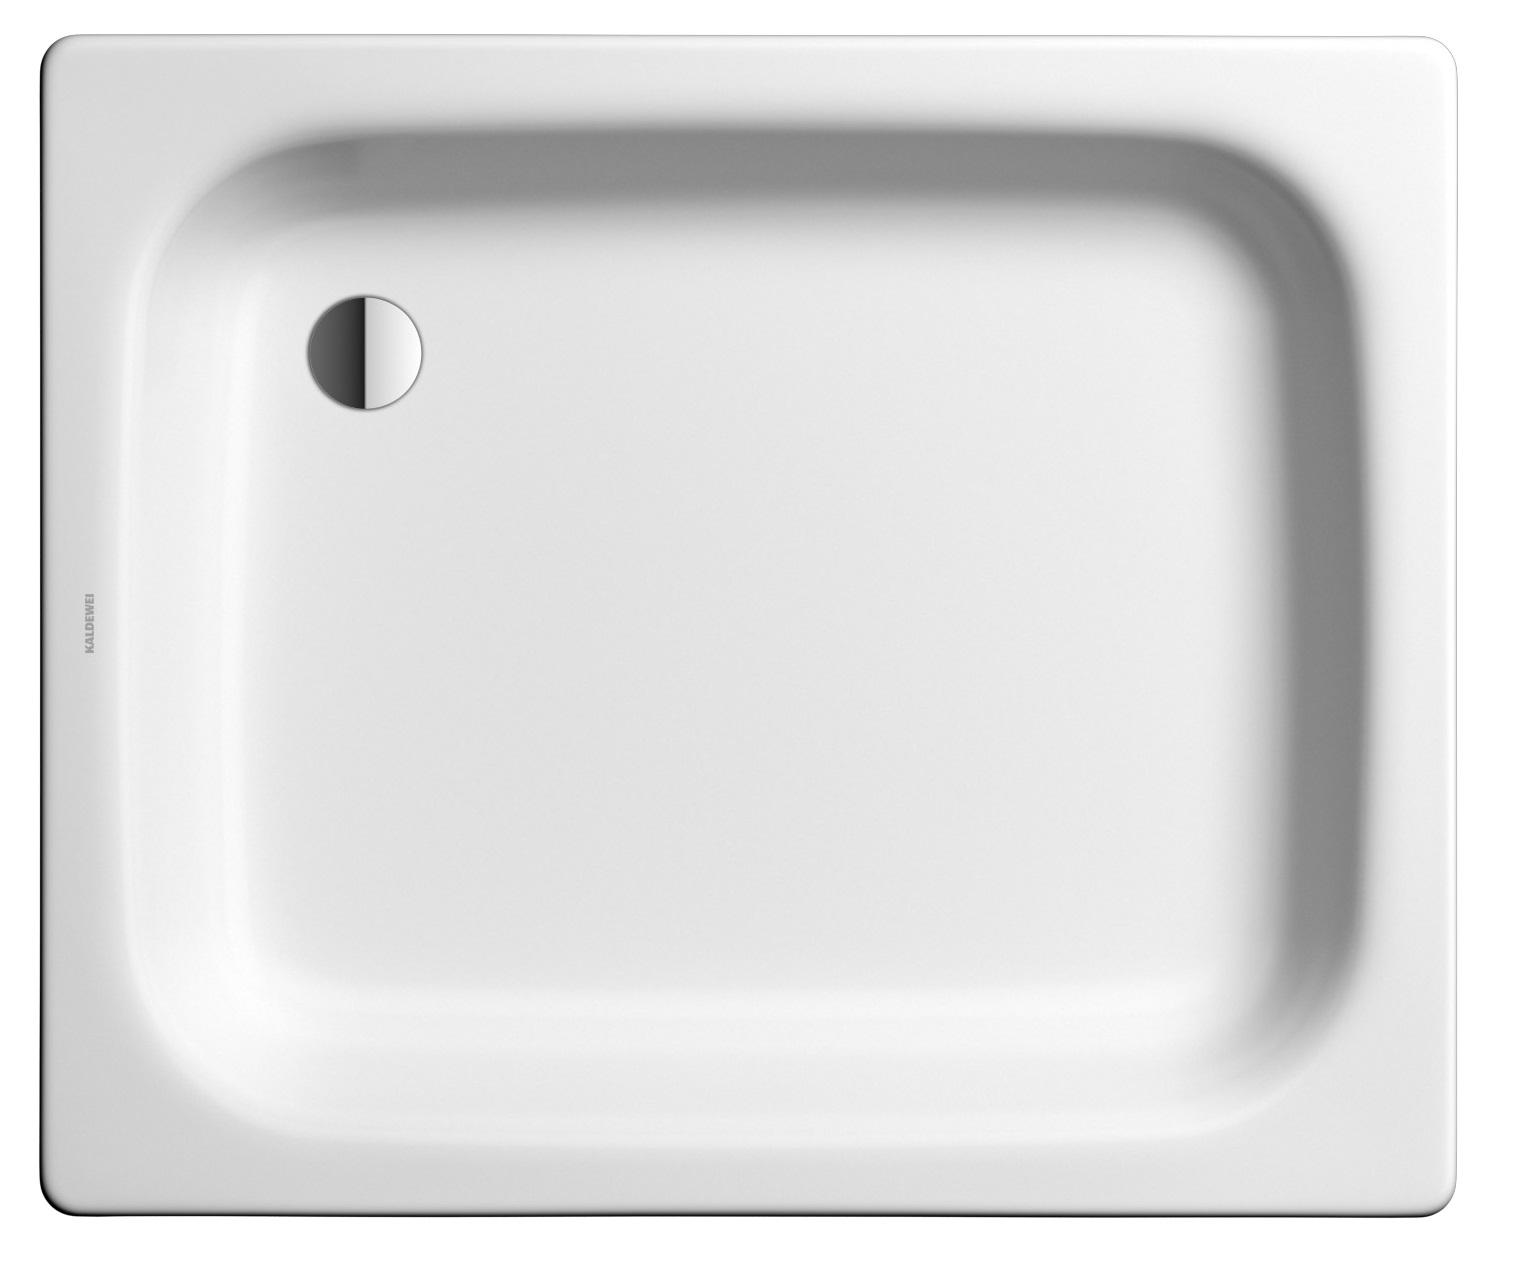 Kaldewei Sanidusch 140 - ocelová sprchová vanička obdélníková 70 x 90 x 14 cm 539